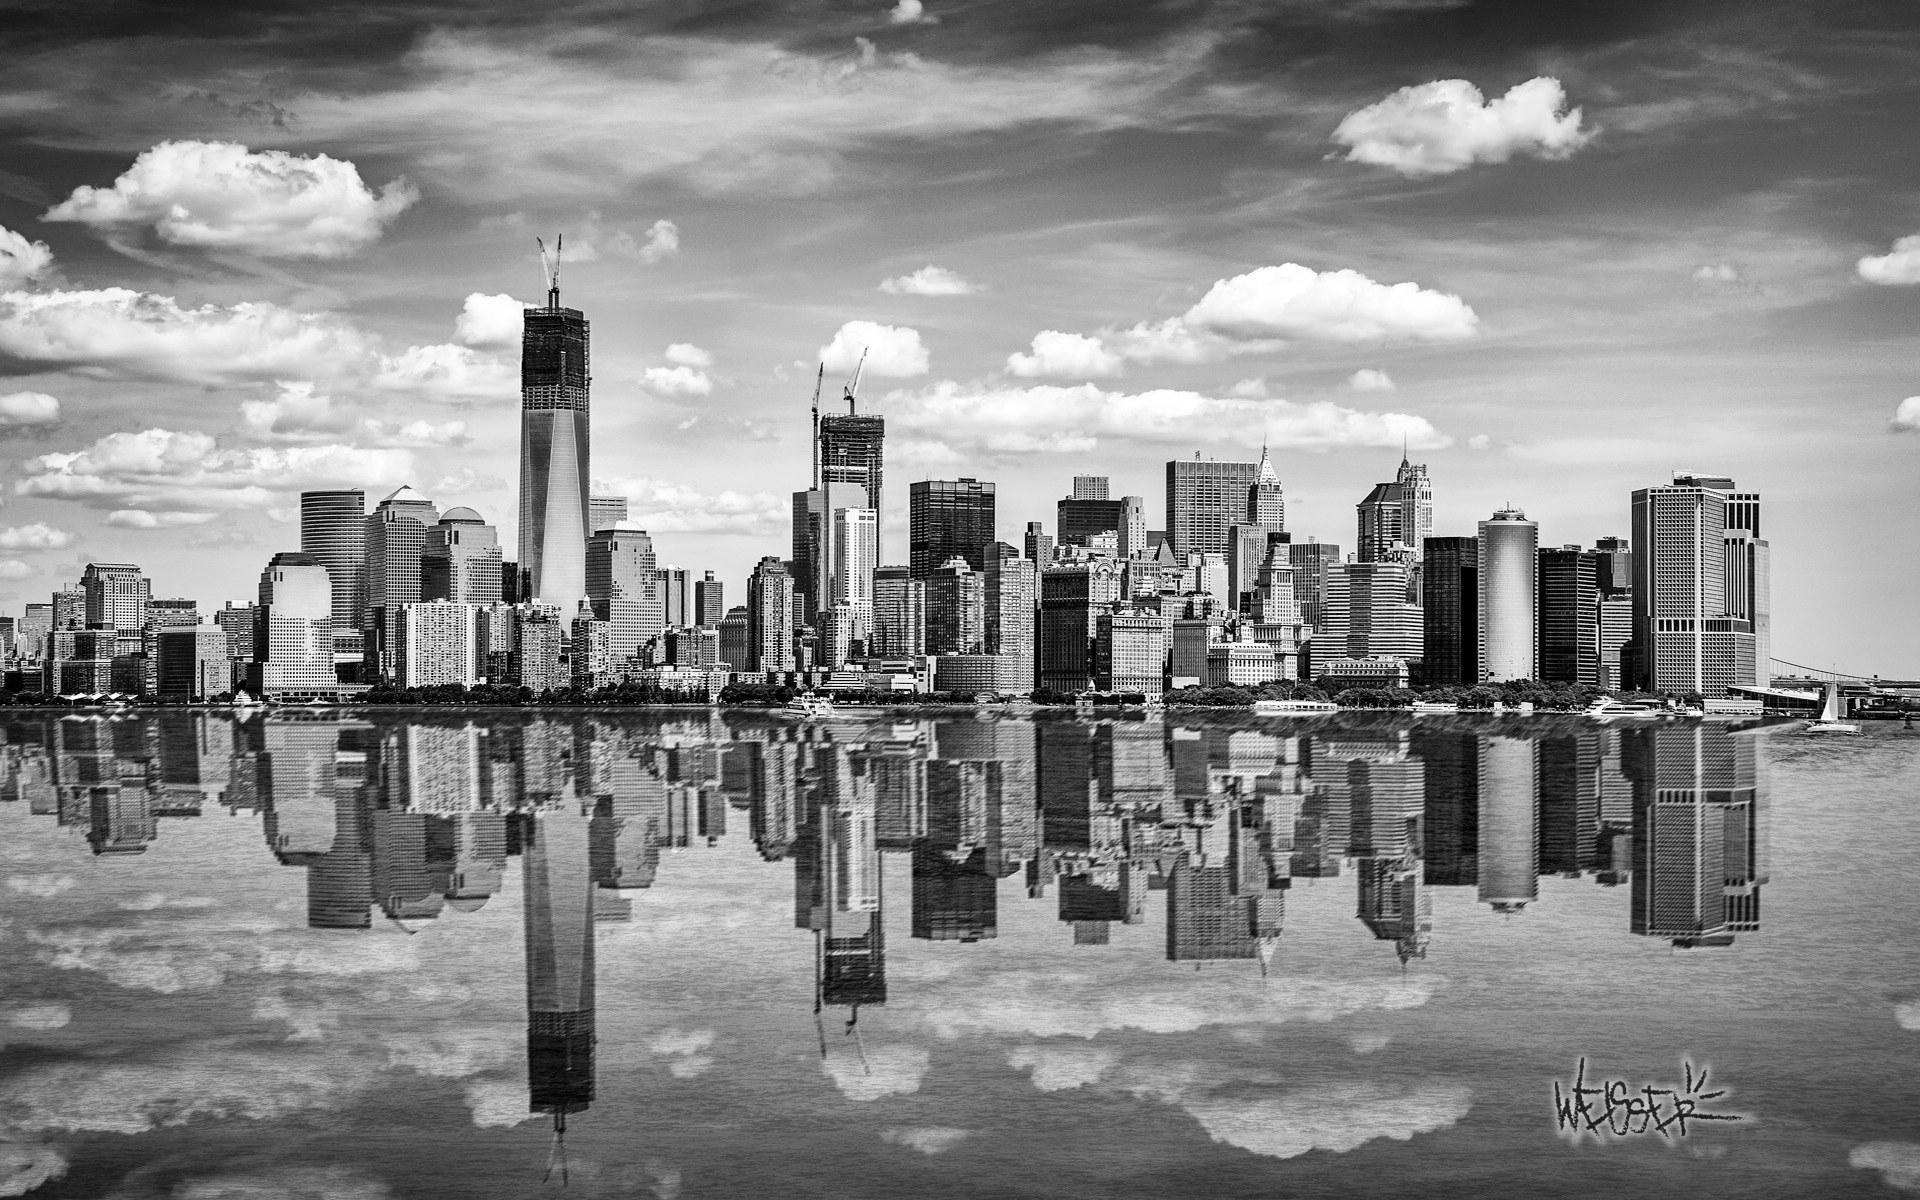 美国纽约夜景壁纸 美国纽约自由女神像桌面壁纸